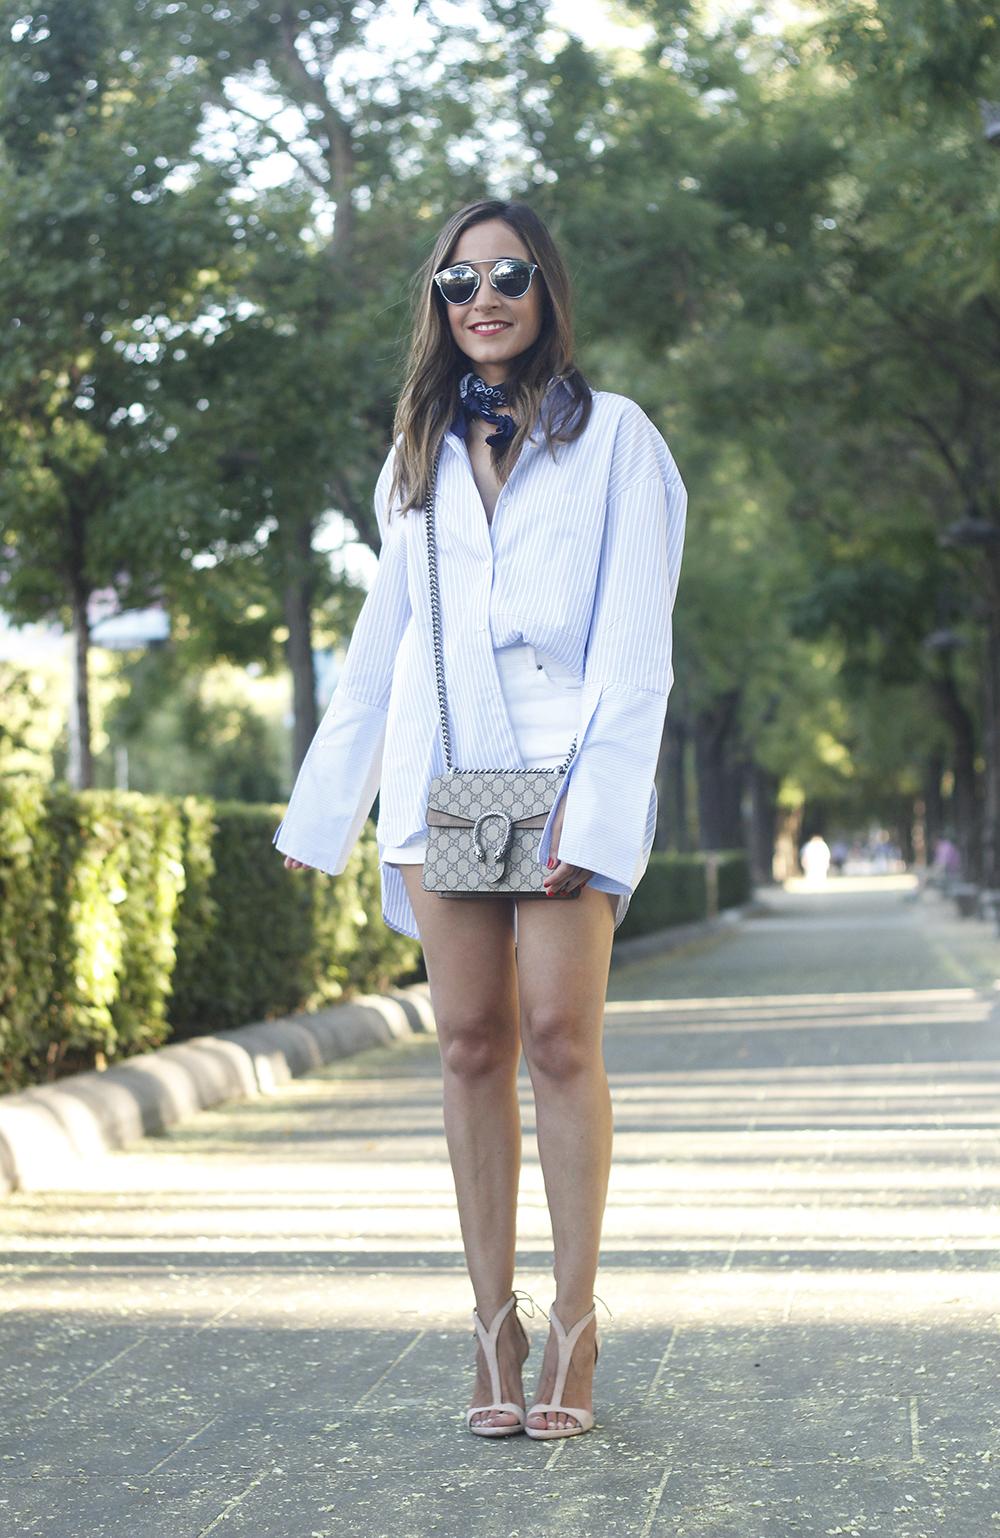 boyfriend striped shirt gucci bag so real dior sunnies denim shorts summer outfit05